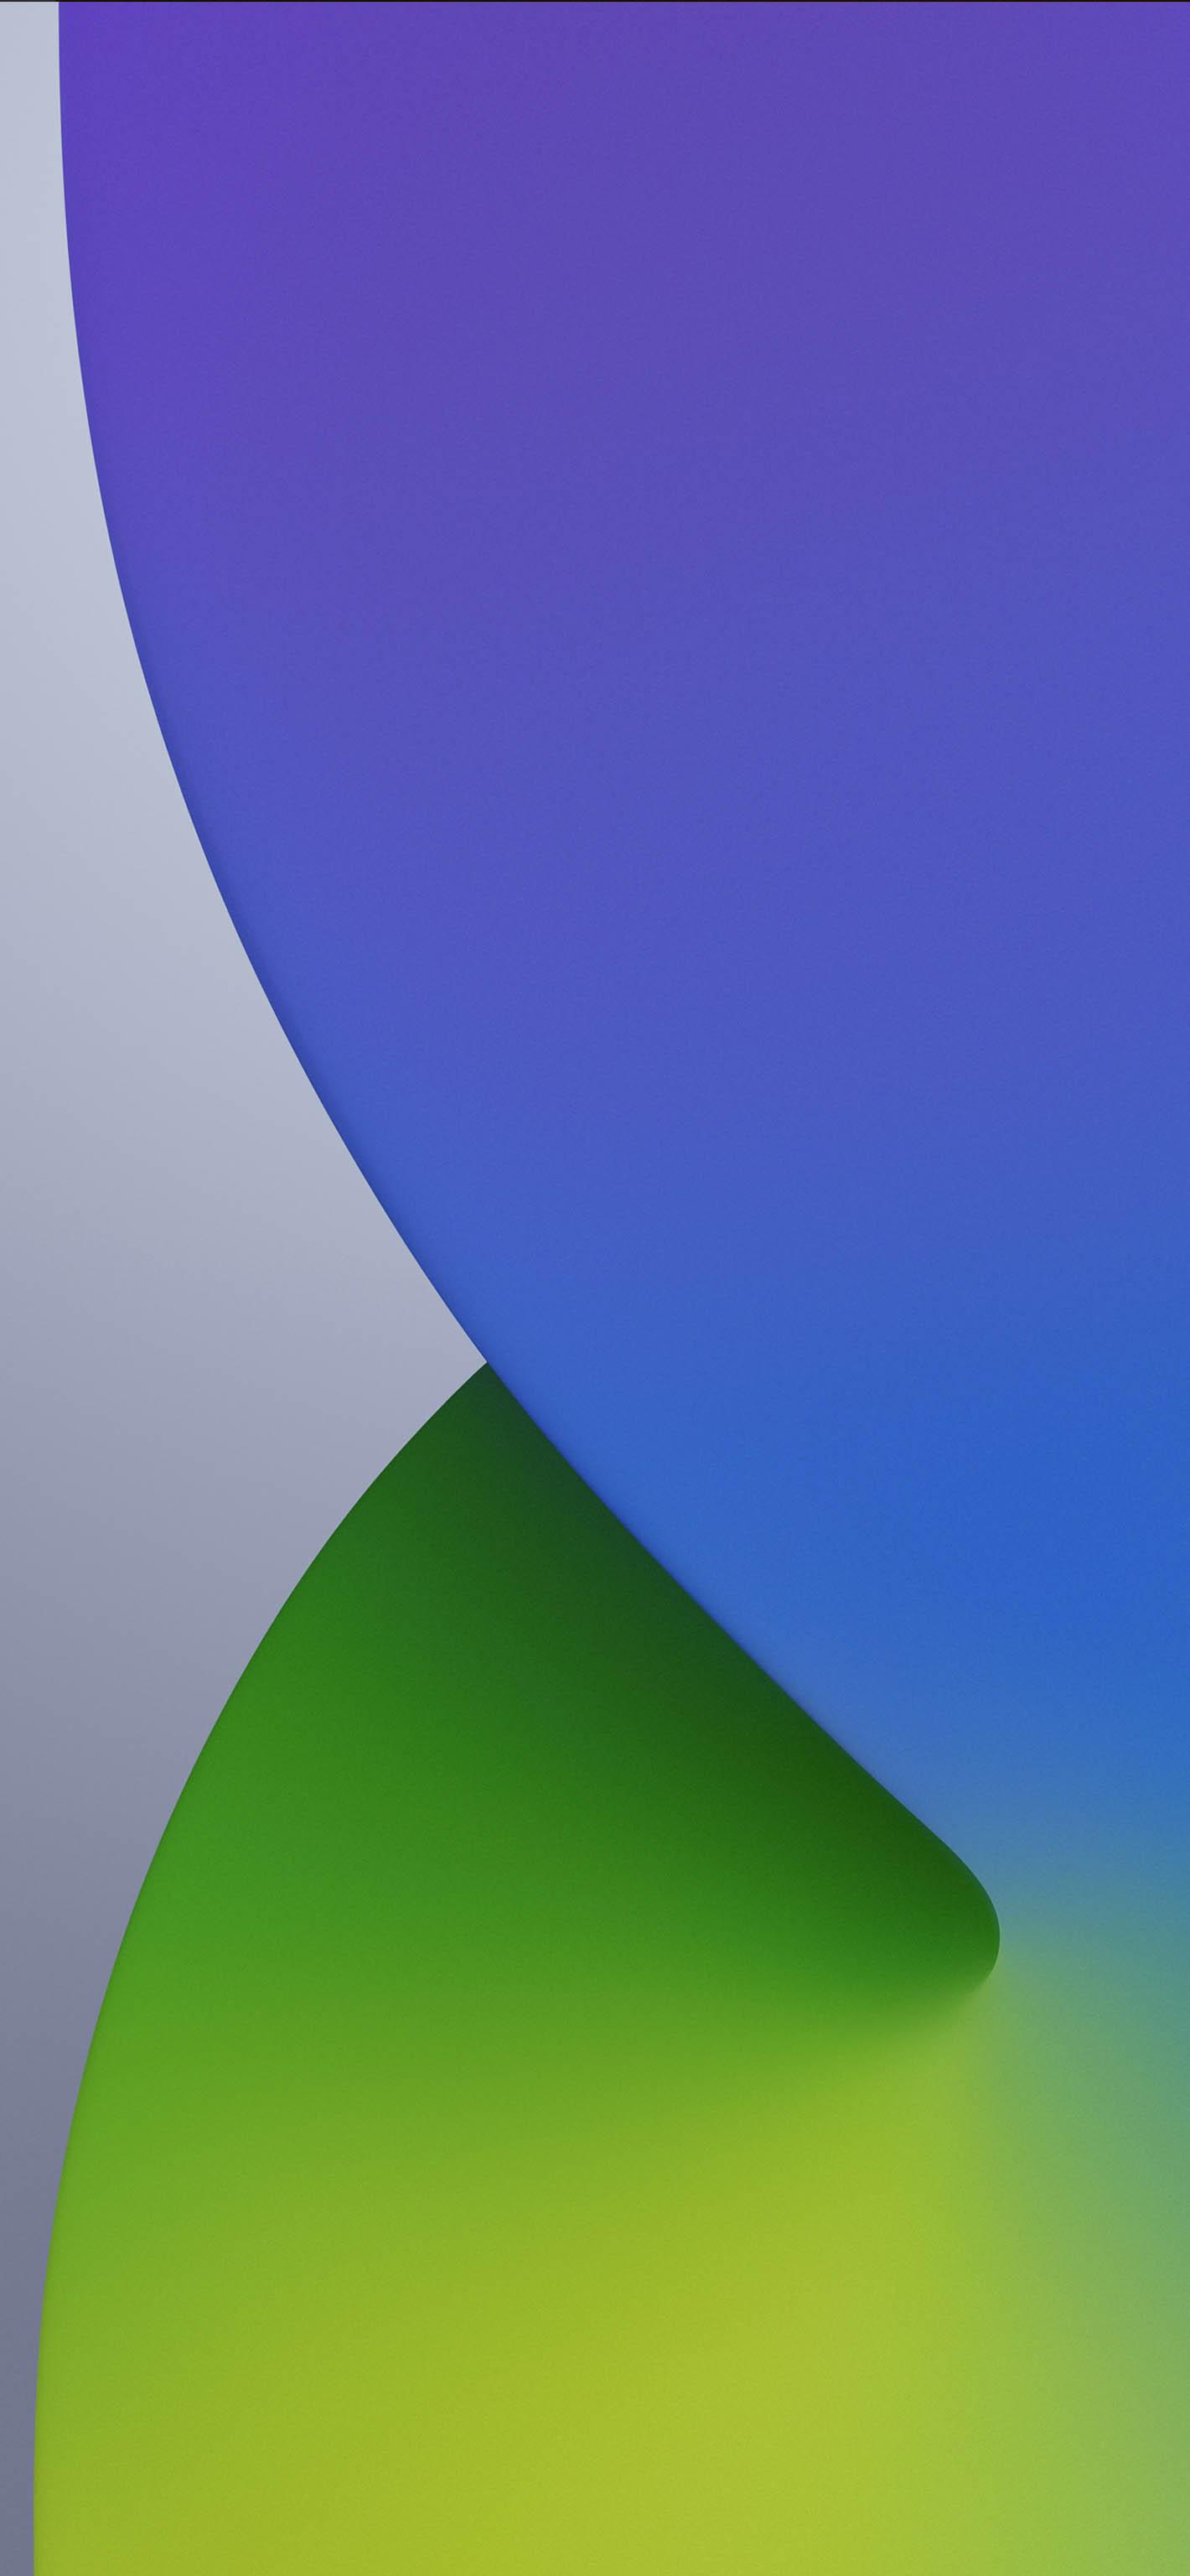 Fondo iOS 14 azul y verde